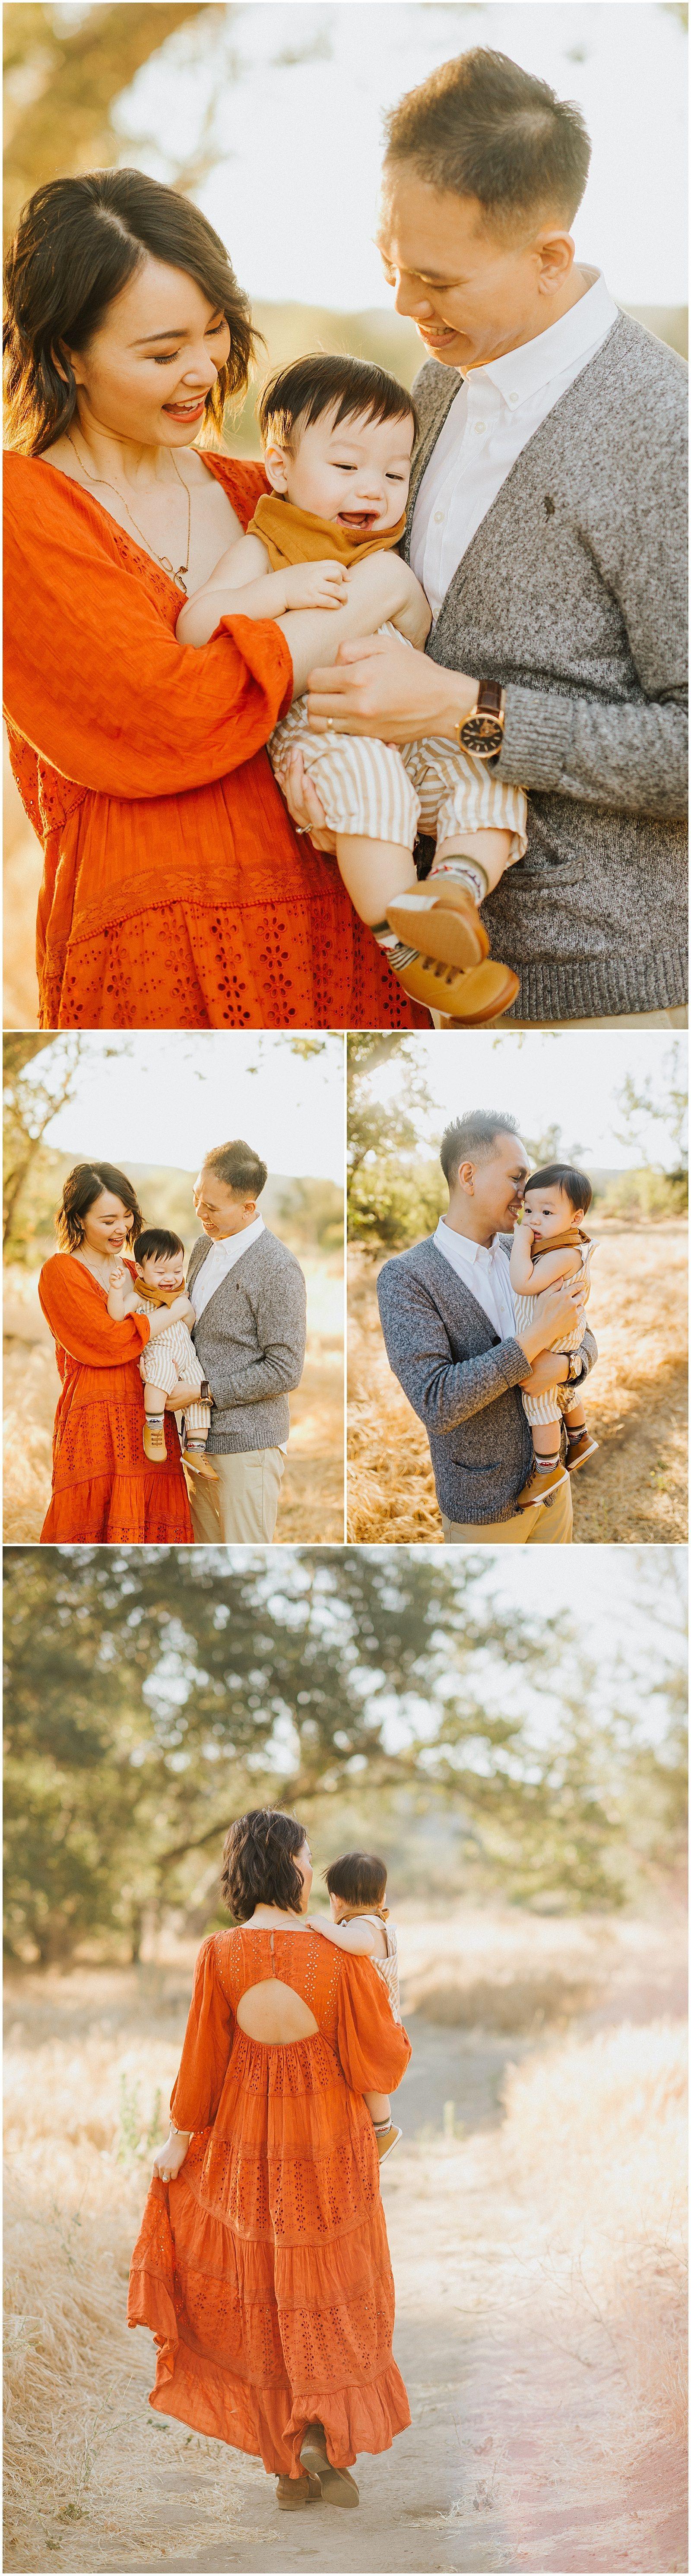 Orange County Family Photographer 0445